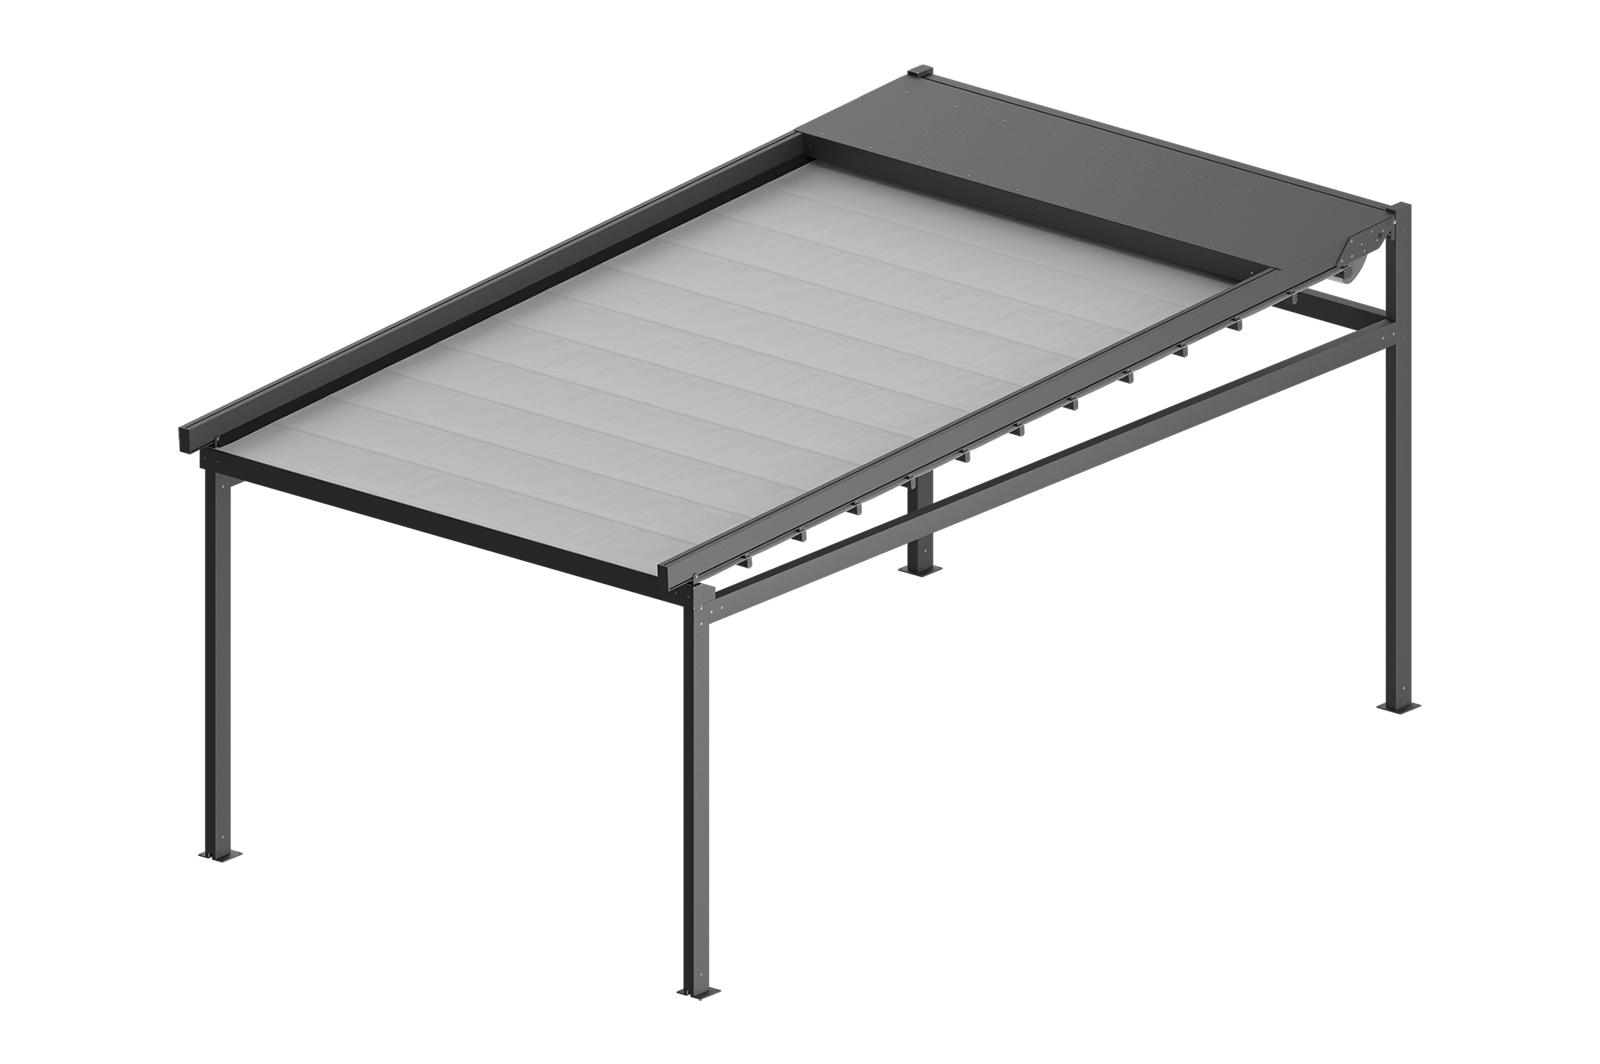 Zadaszenie tarasowe SOLID 3,5x3m